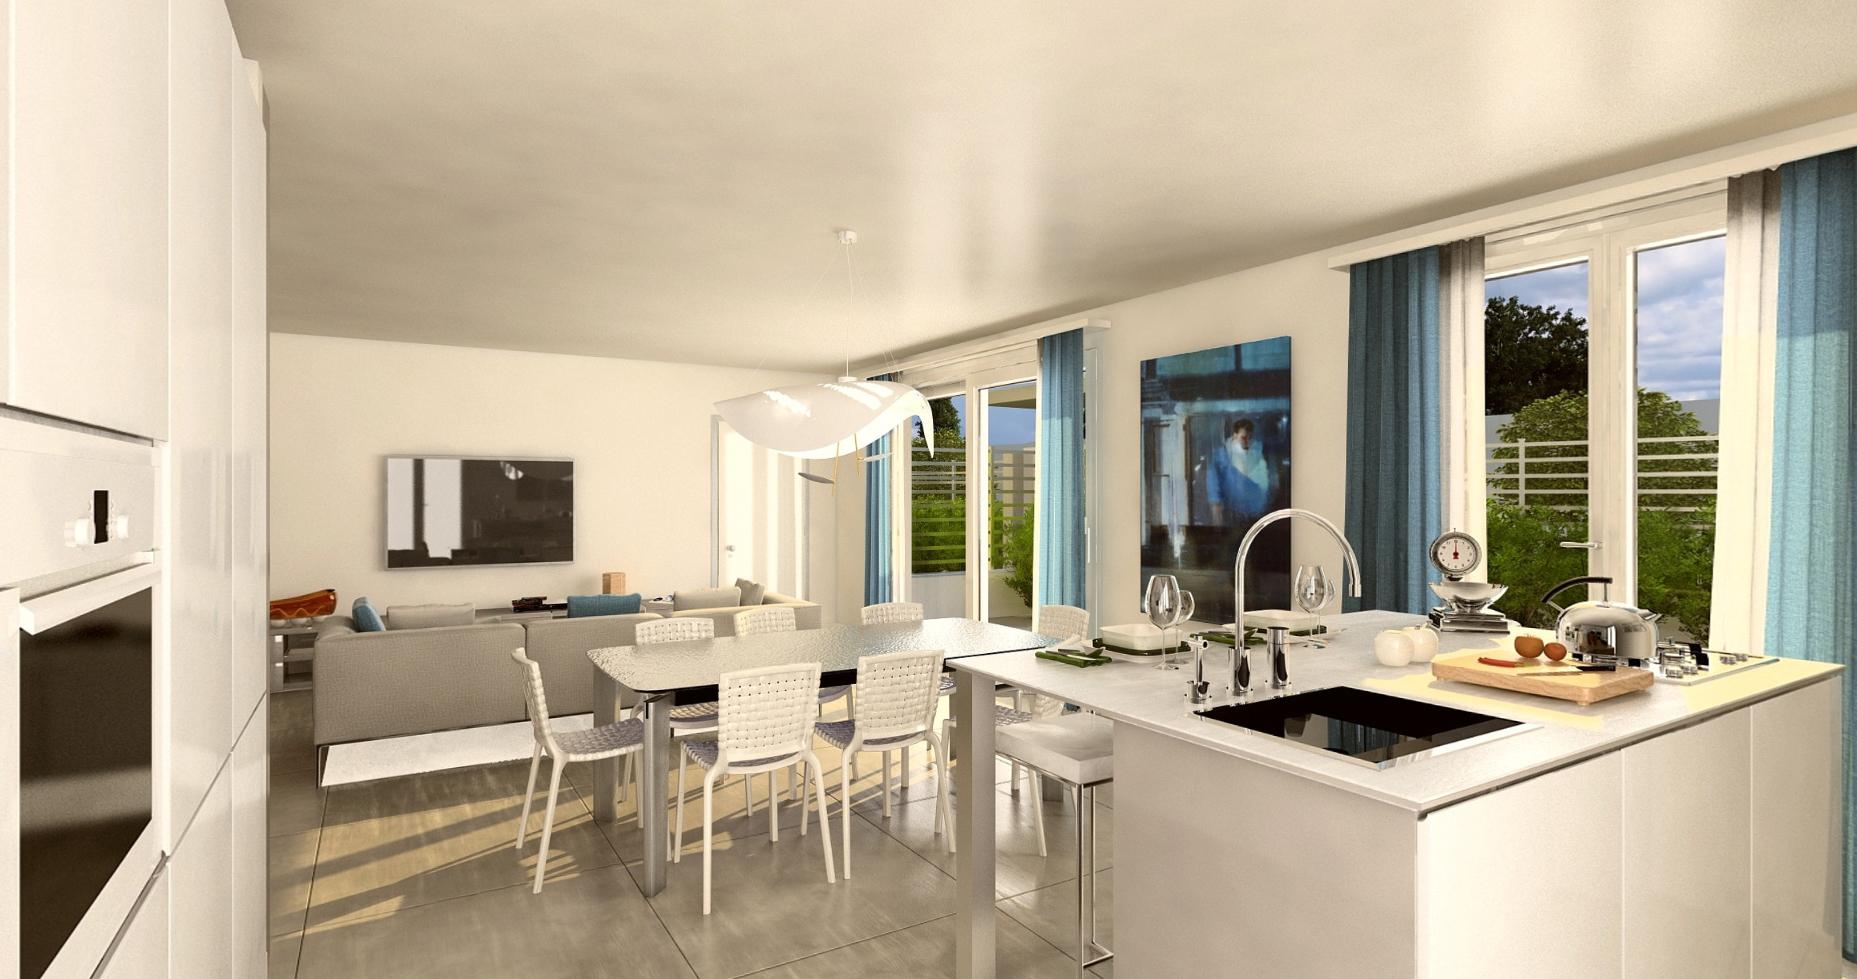 Appartamento in vendita a Gorle, 4 locali, prezzo € 350.000 | CambioCasa.it